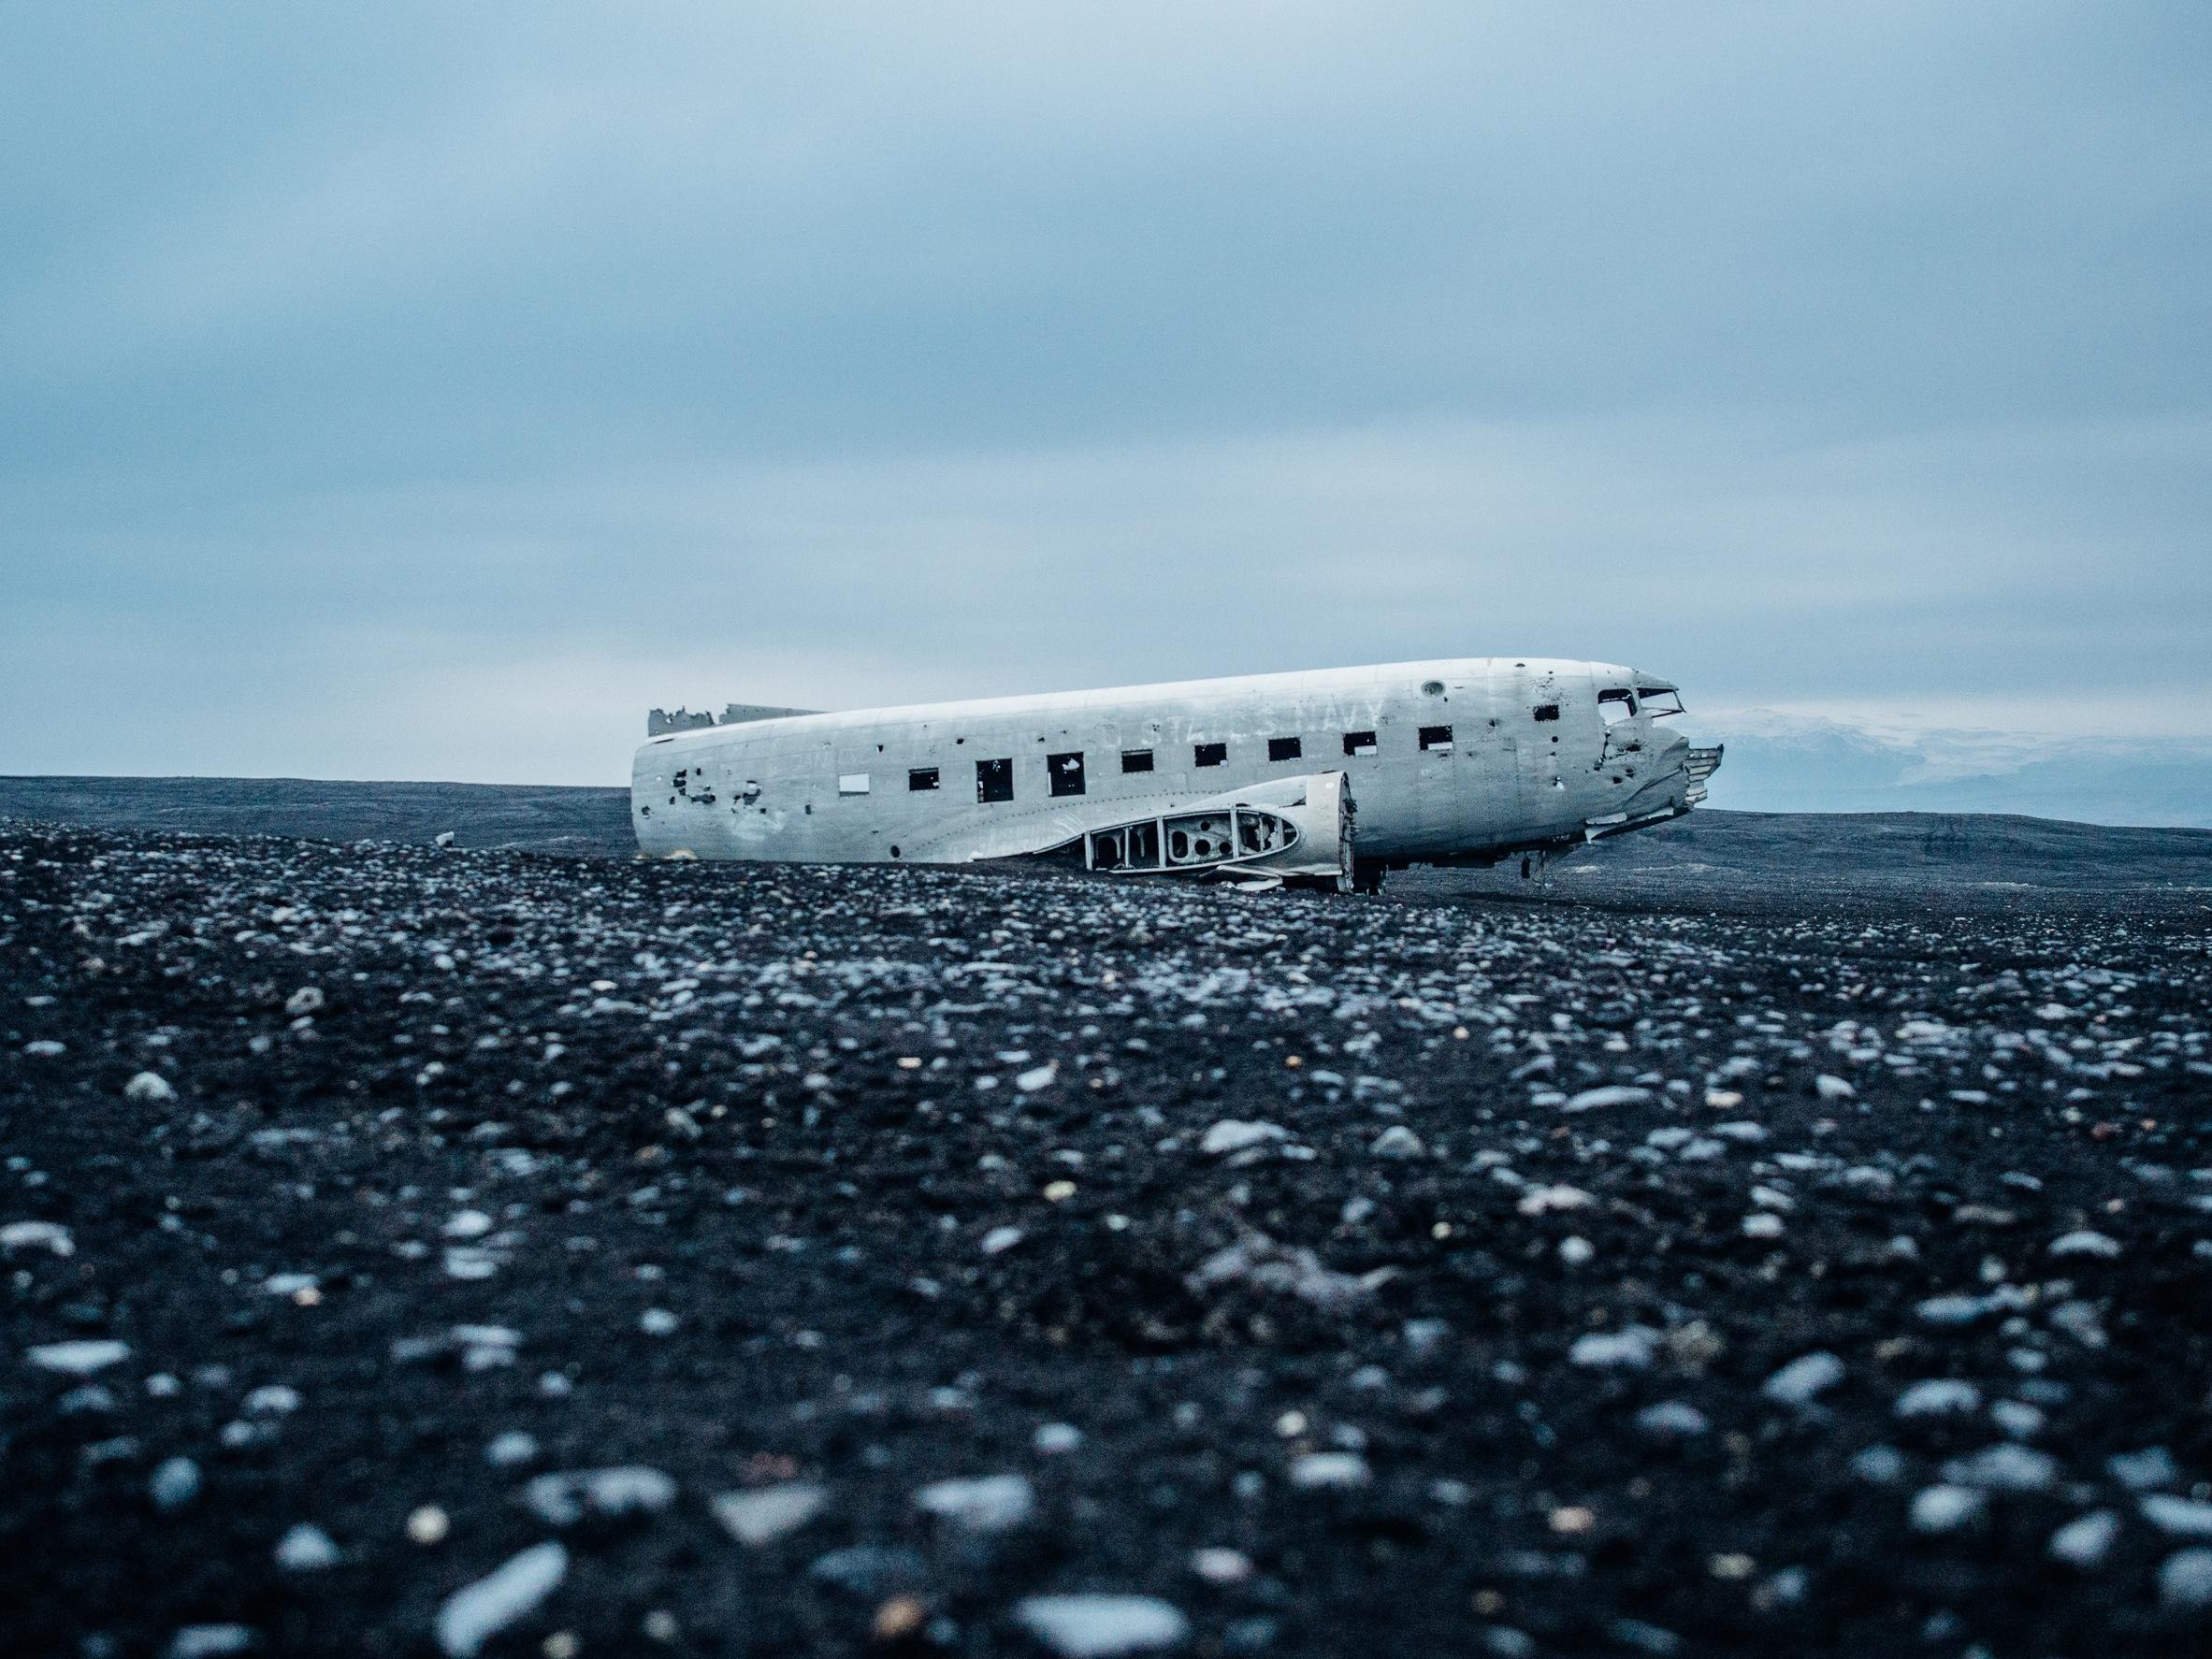 plane-crash.jpg